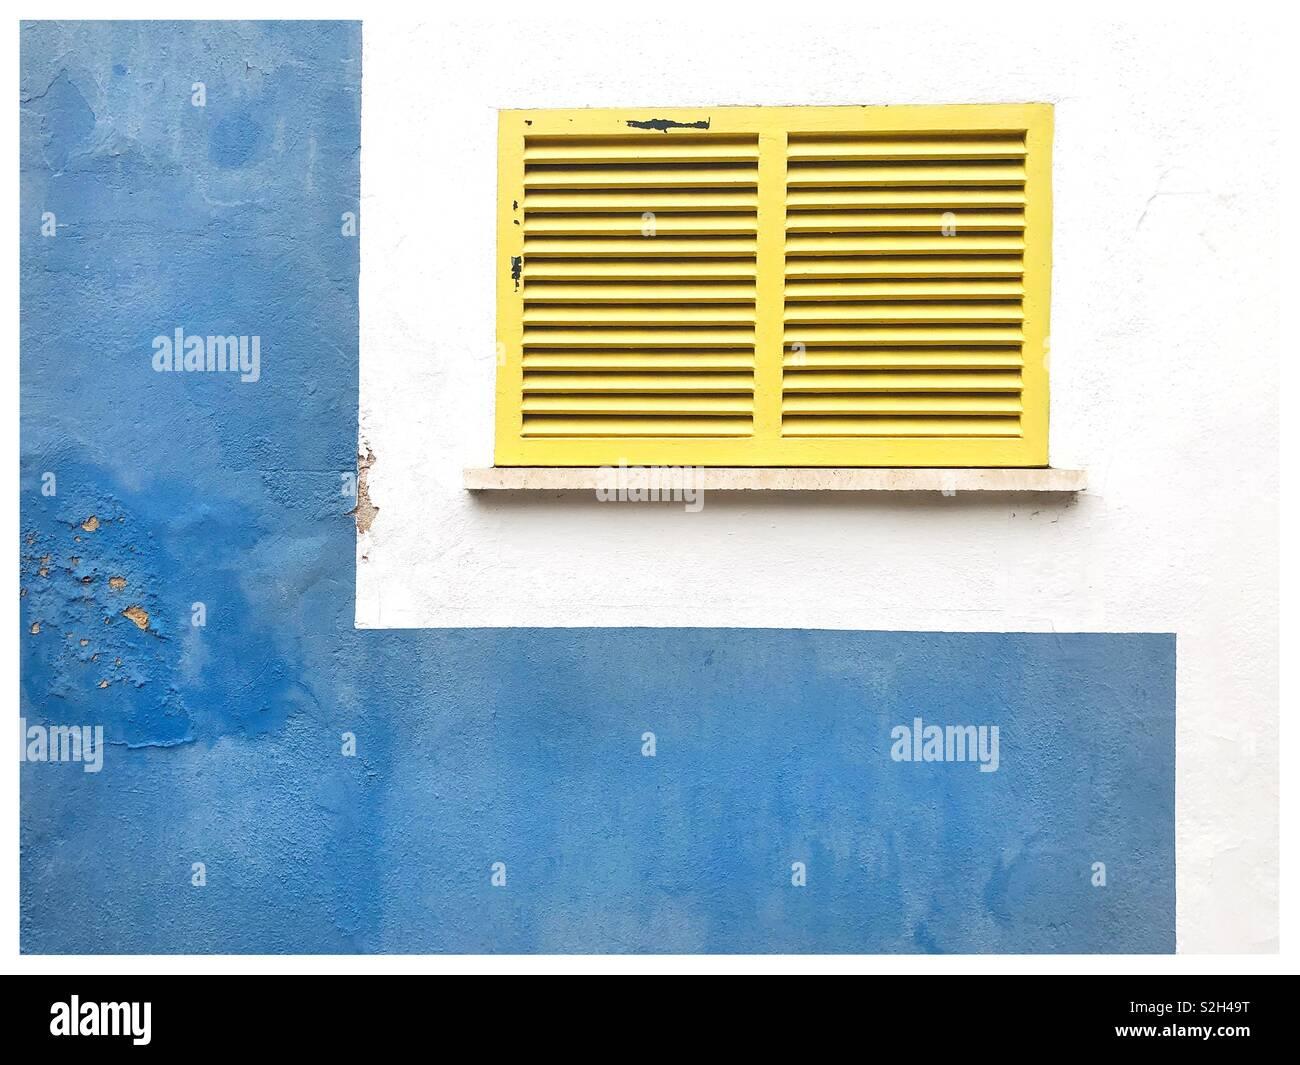 Serrande di giallo su una finestra circondata da un bianco blu di una parete dipinta Foto Stock